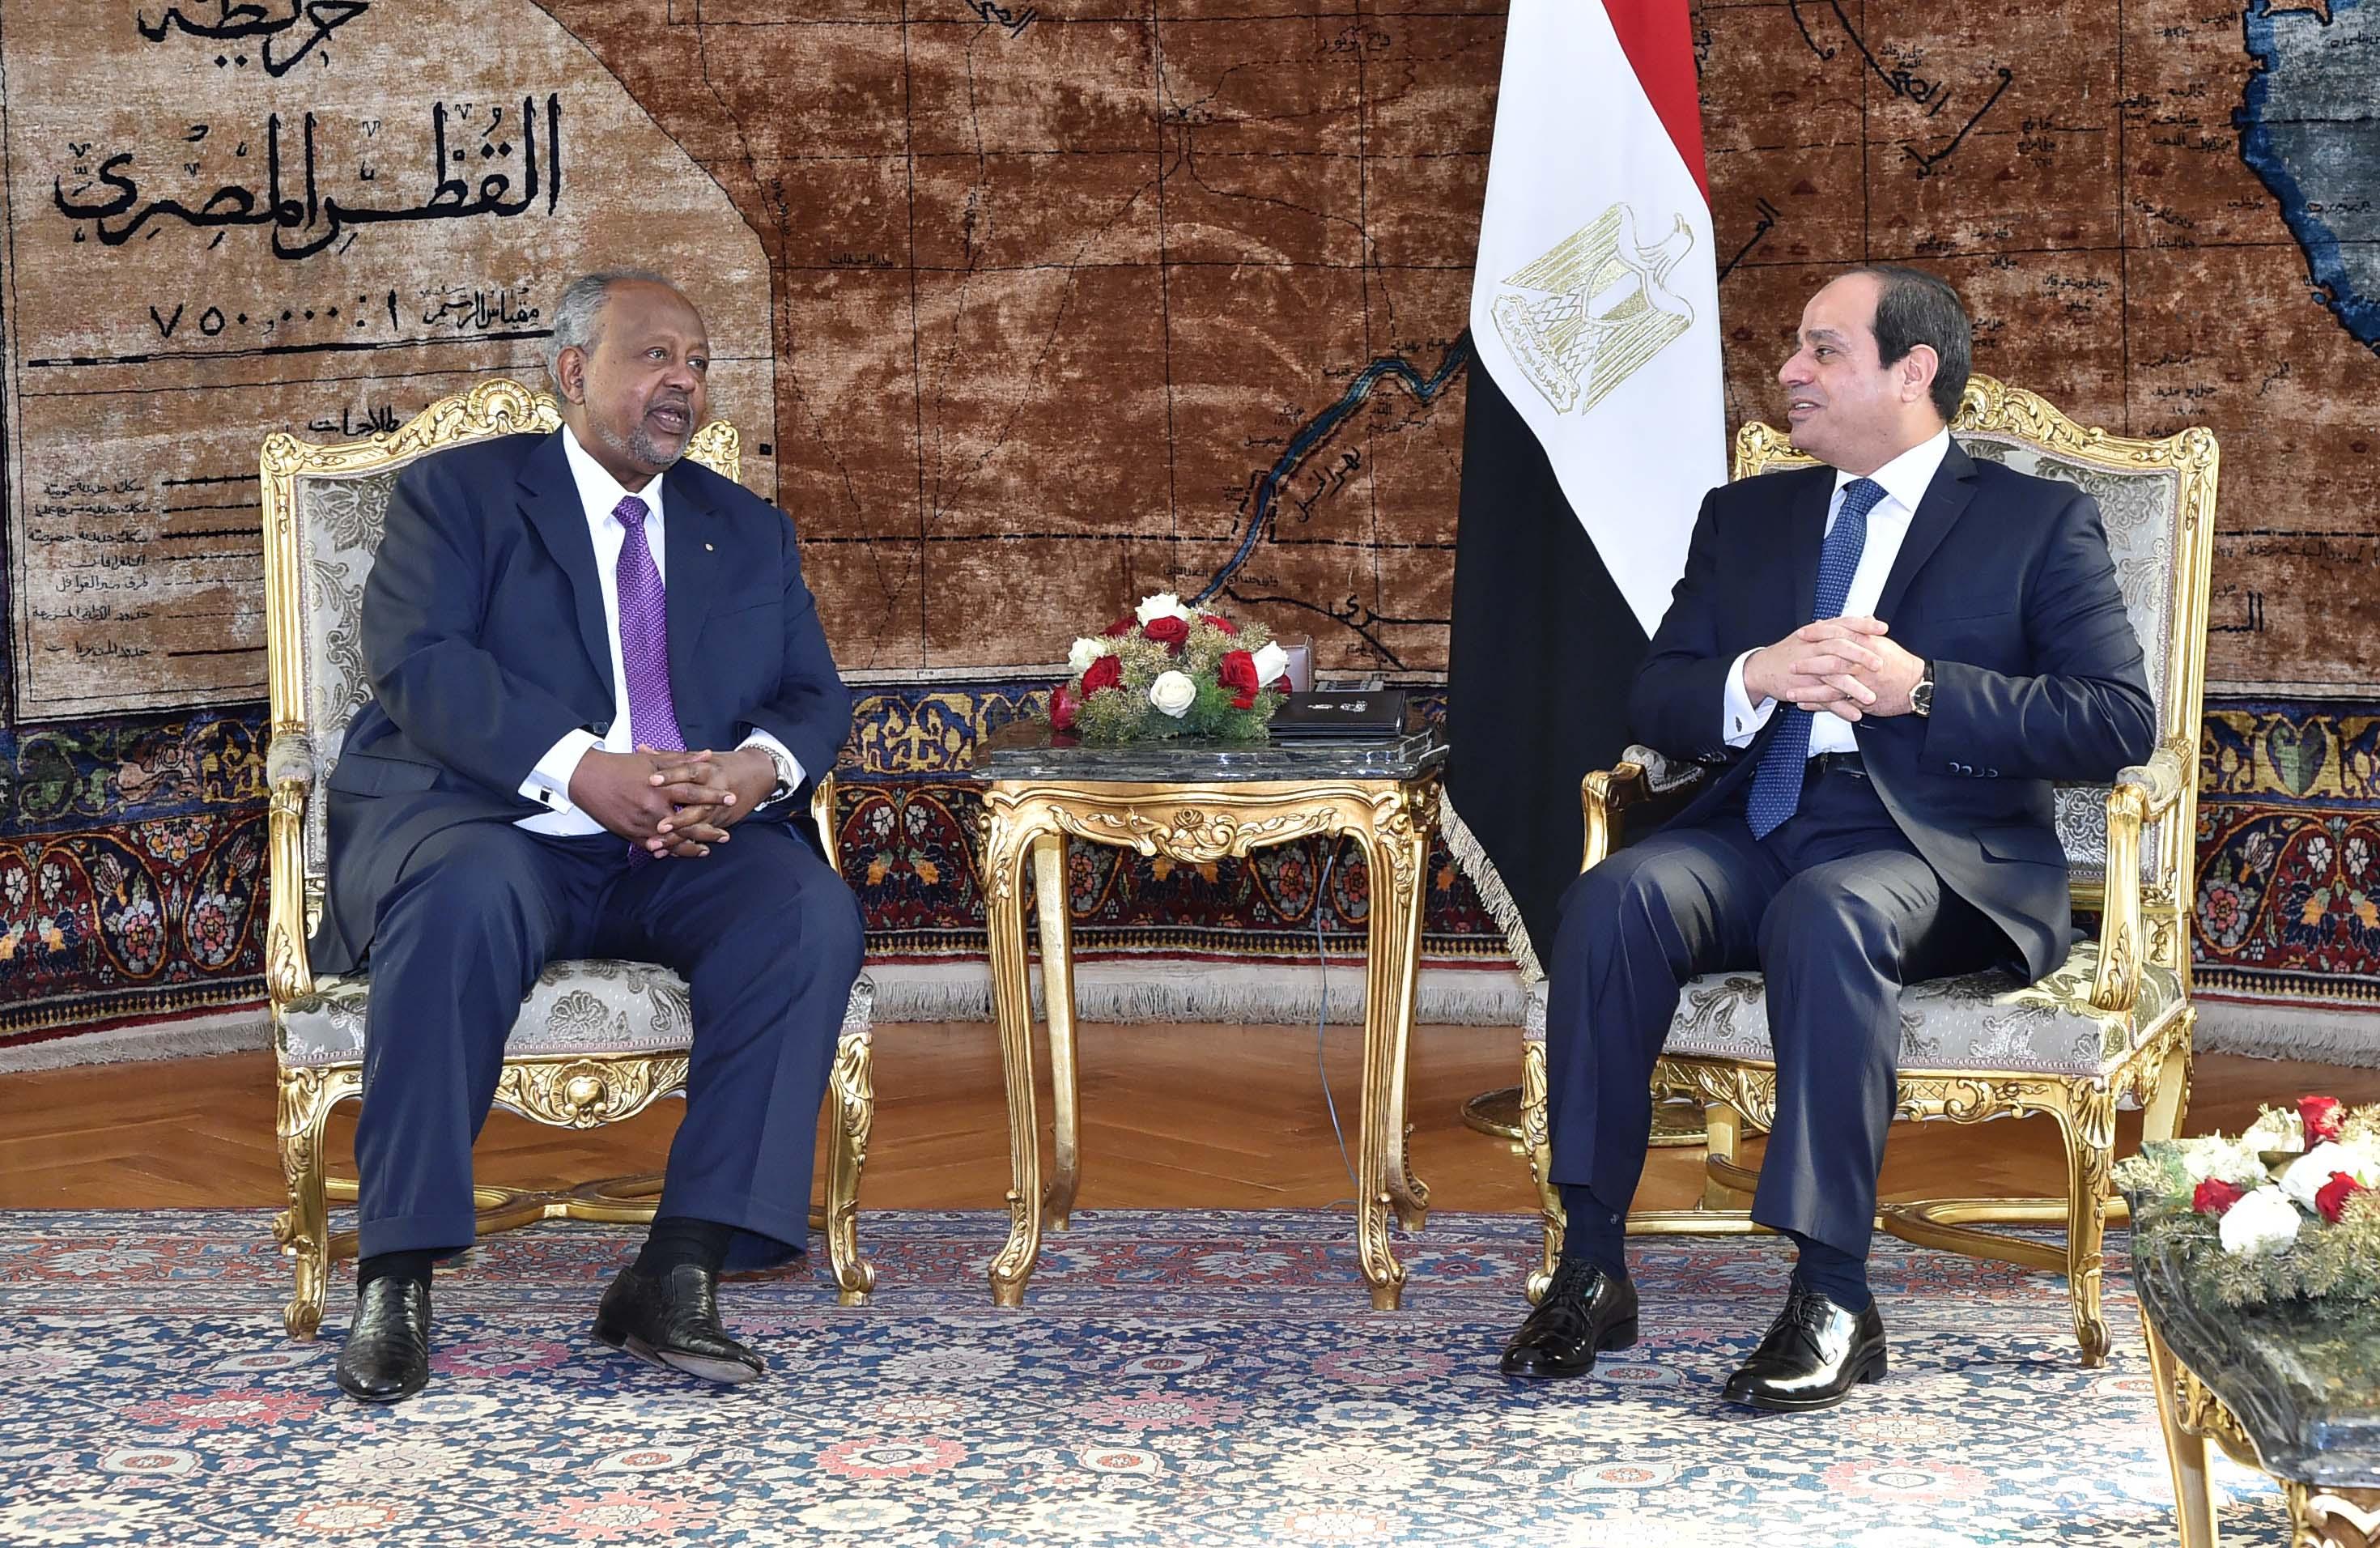 الرئيس السيسي يؤكد تضامن مصر مع جيبوتي في مواجهة آثار الفيضانات